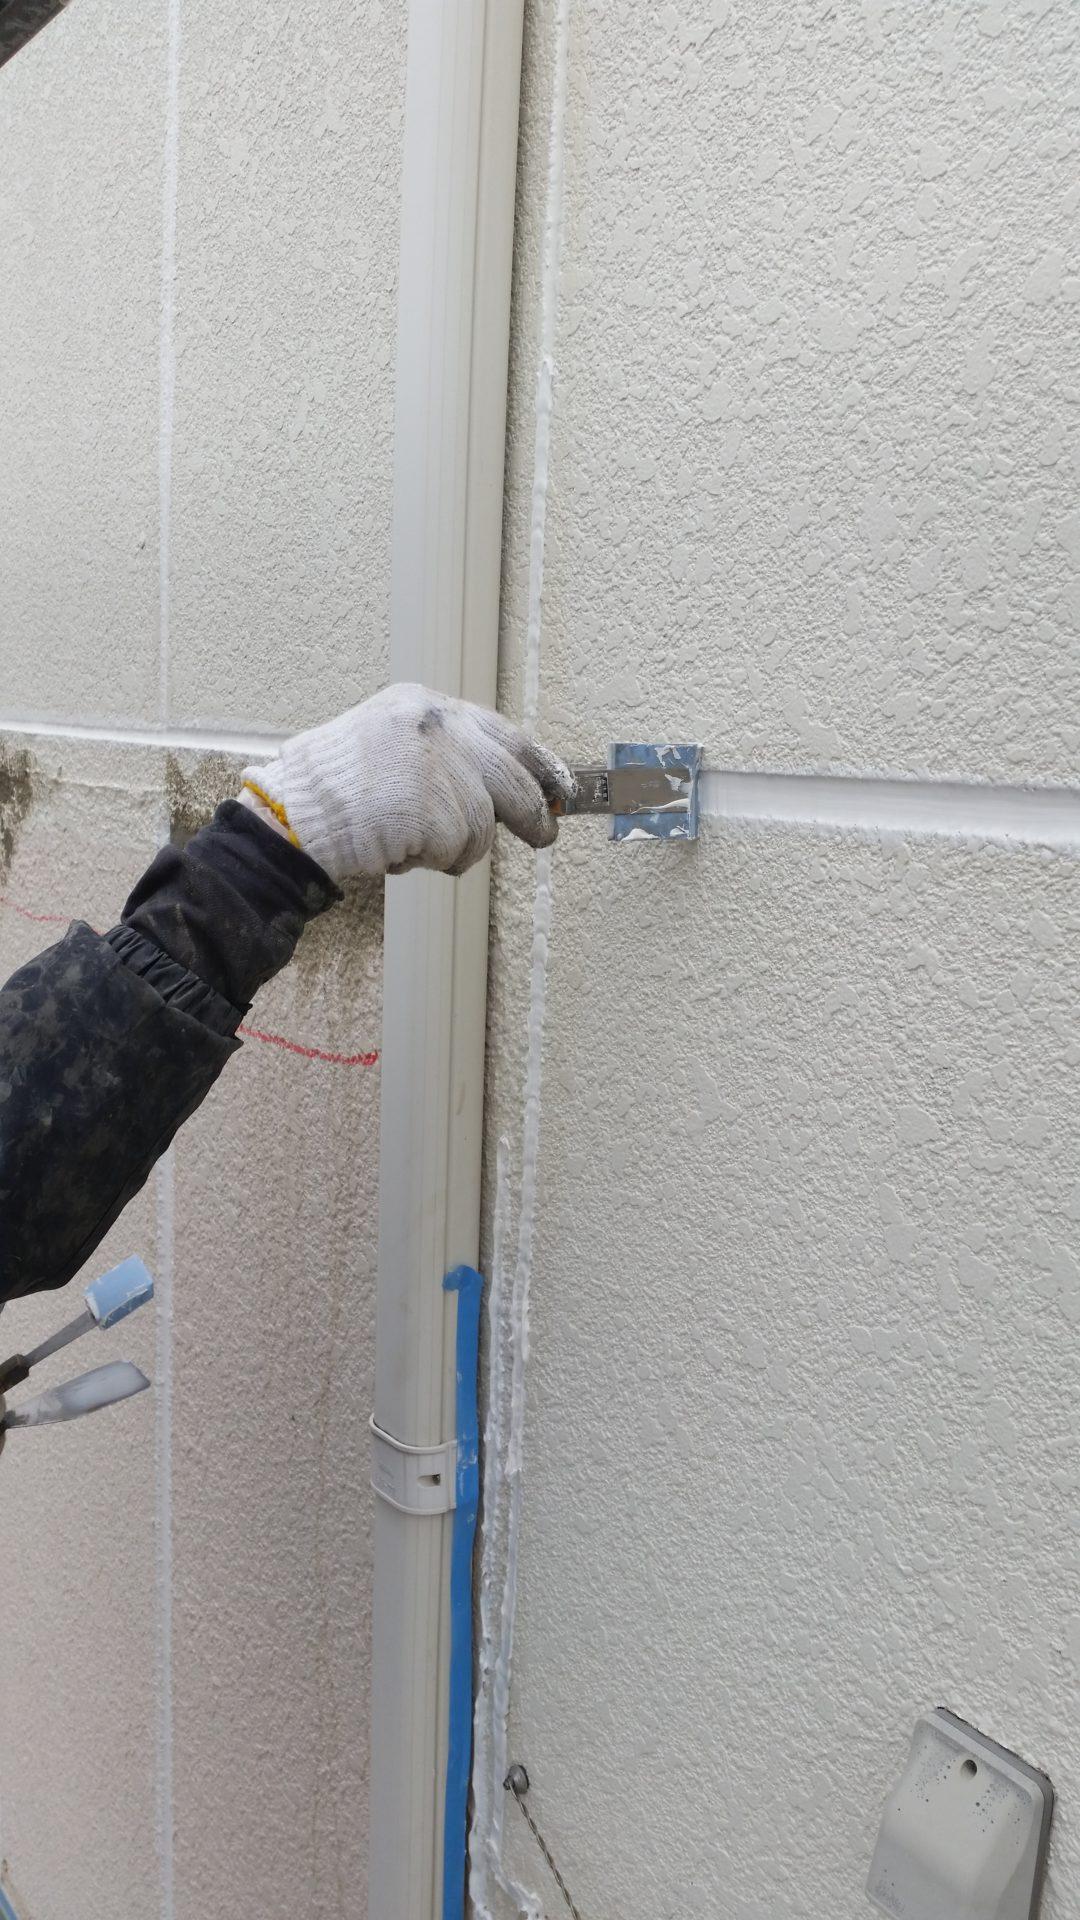 岡山県倉敷市外壁塗装 外壁補修の写真